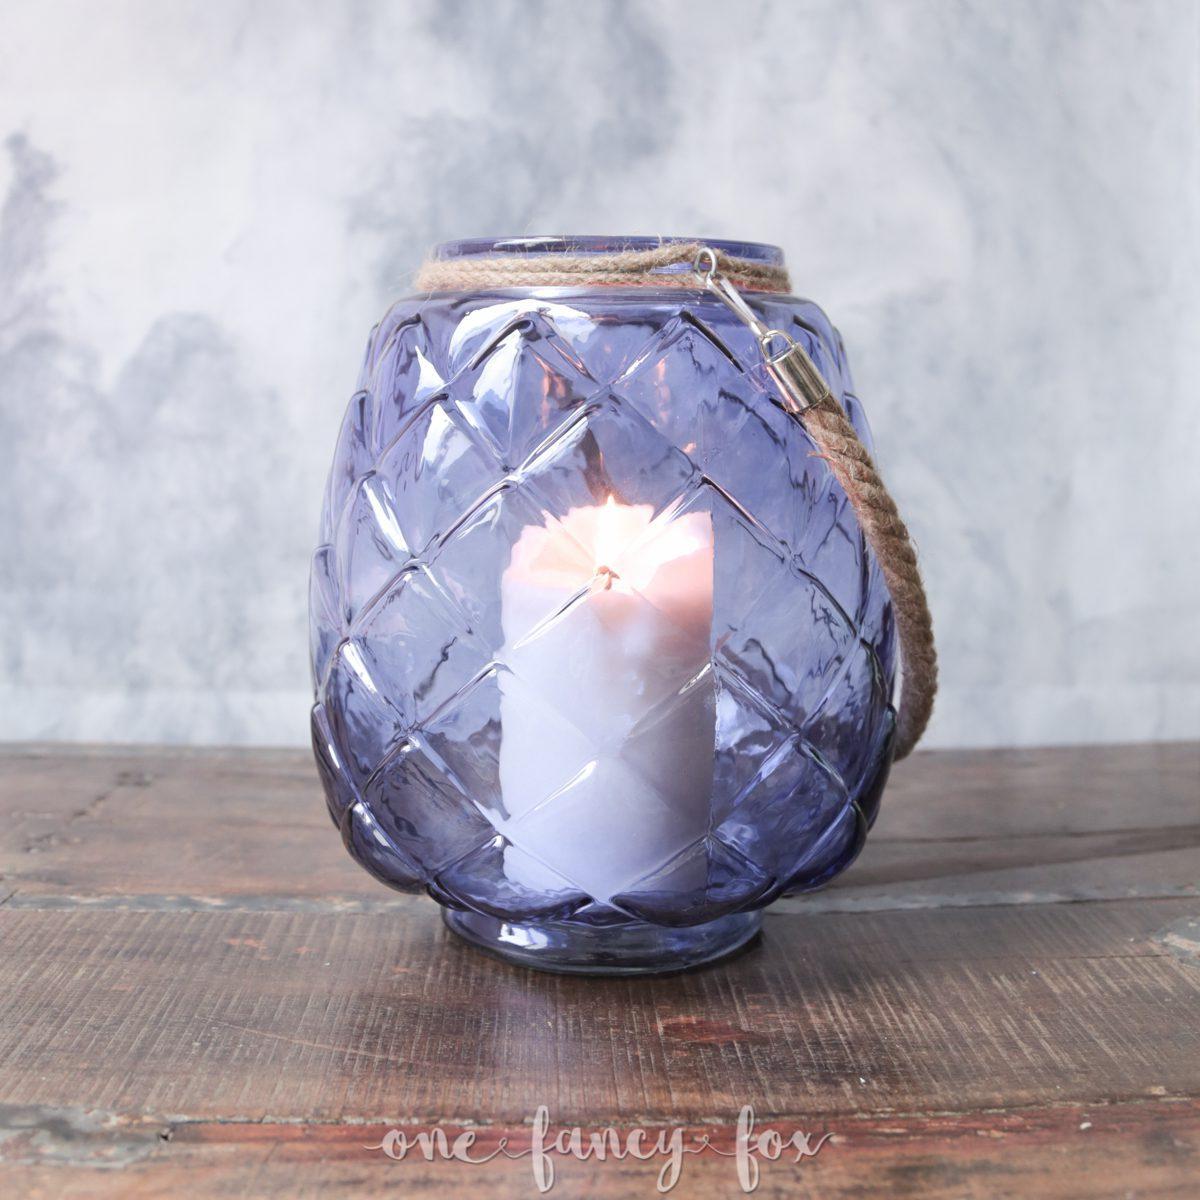 Vase Windlicht mieten Ocean